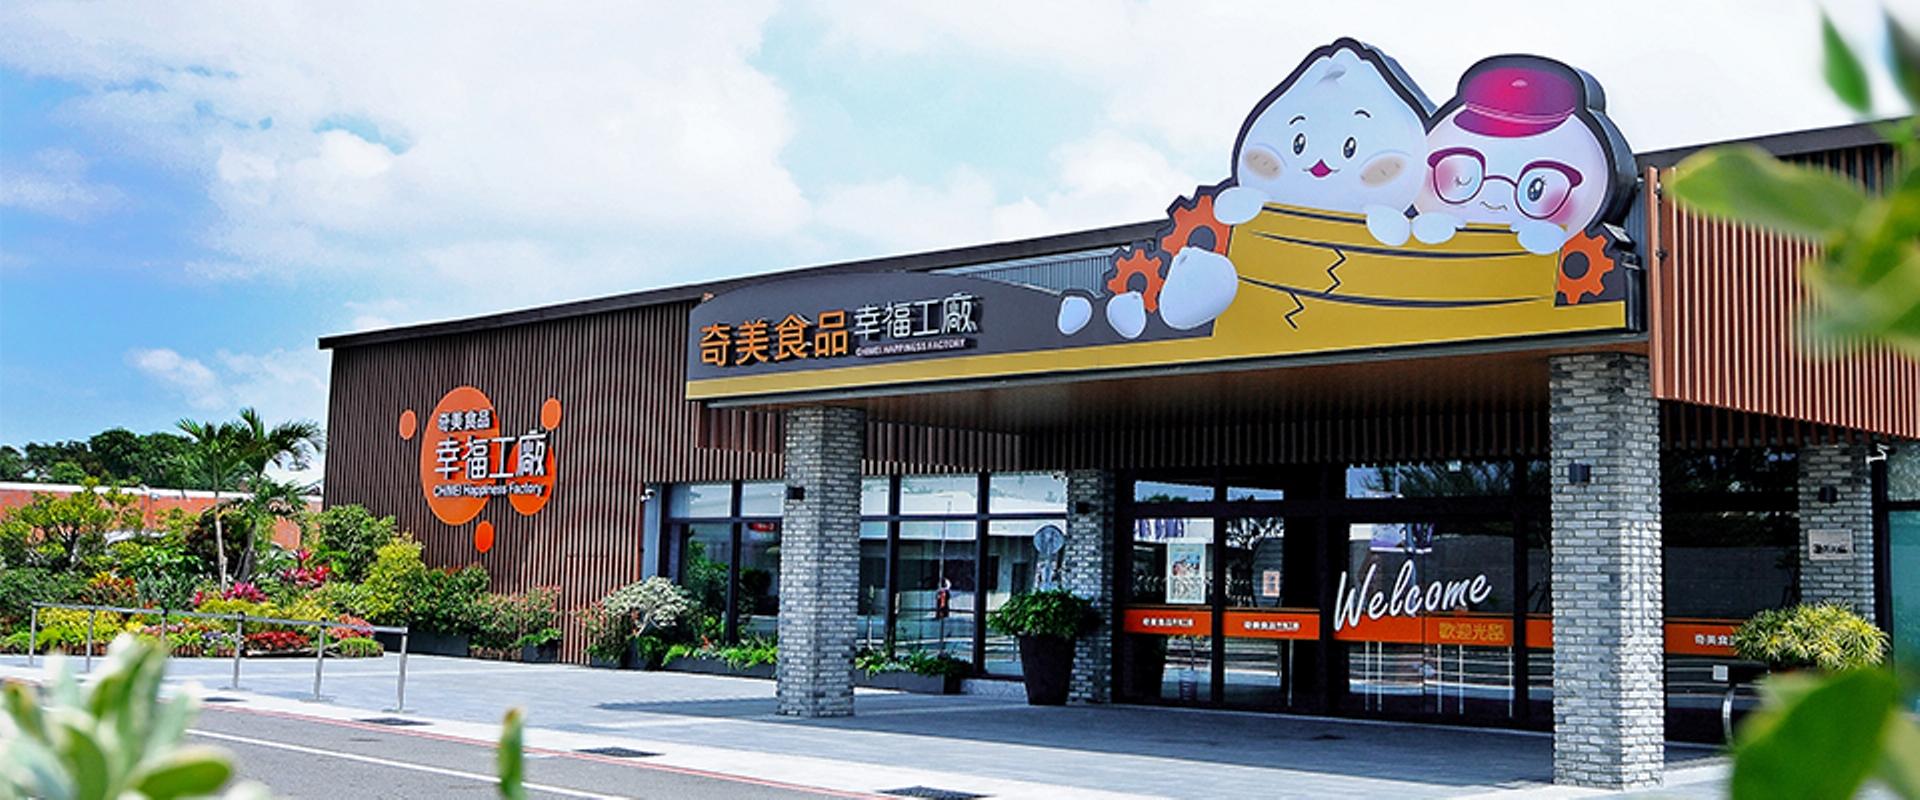 台南-奇美食品幸福工廠  燒包子品牌形象館門票